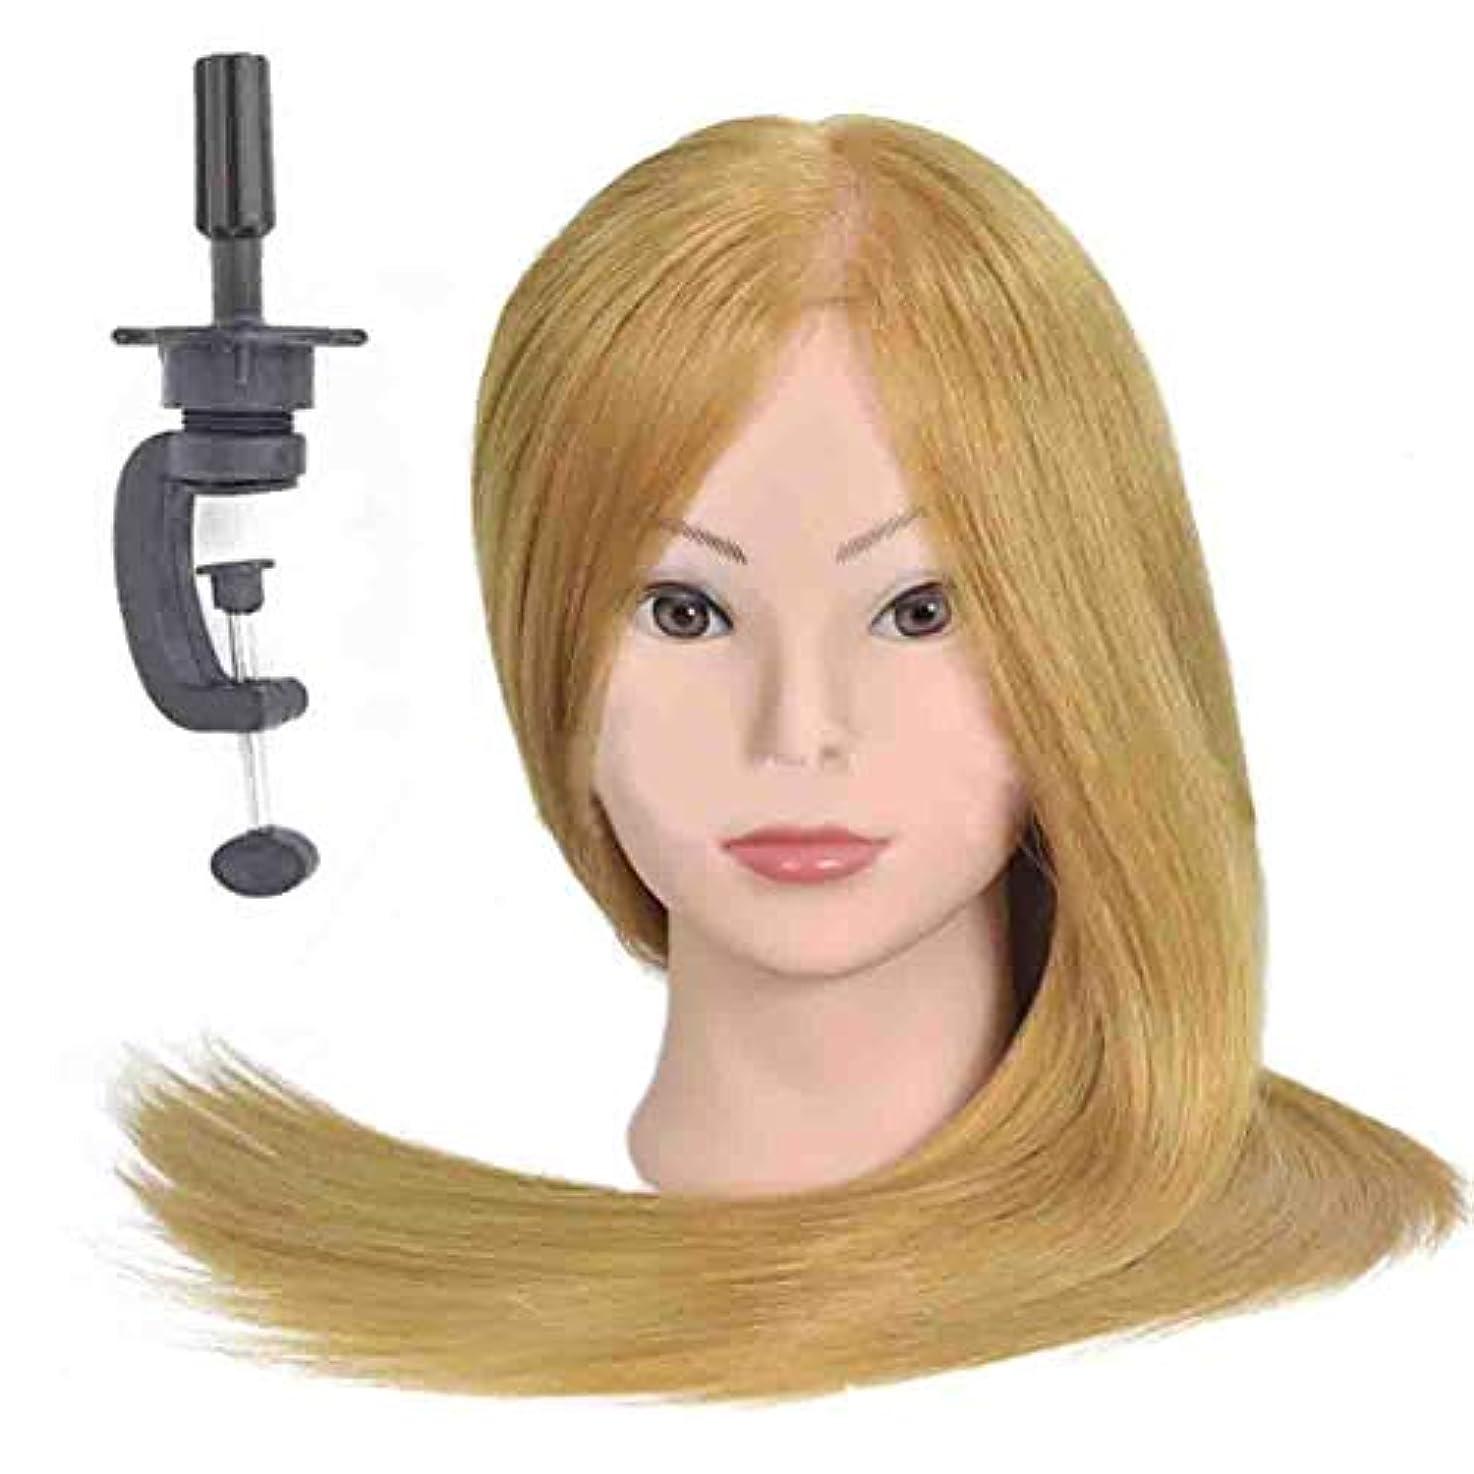 枯渇大声で致死メイクディスクヘアスタイリング編み教育ダミーヘッドサロンエクササイズヘッド金型理髪ヘアカットトレーニングかつら